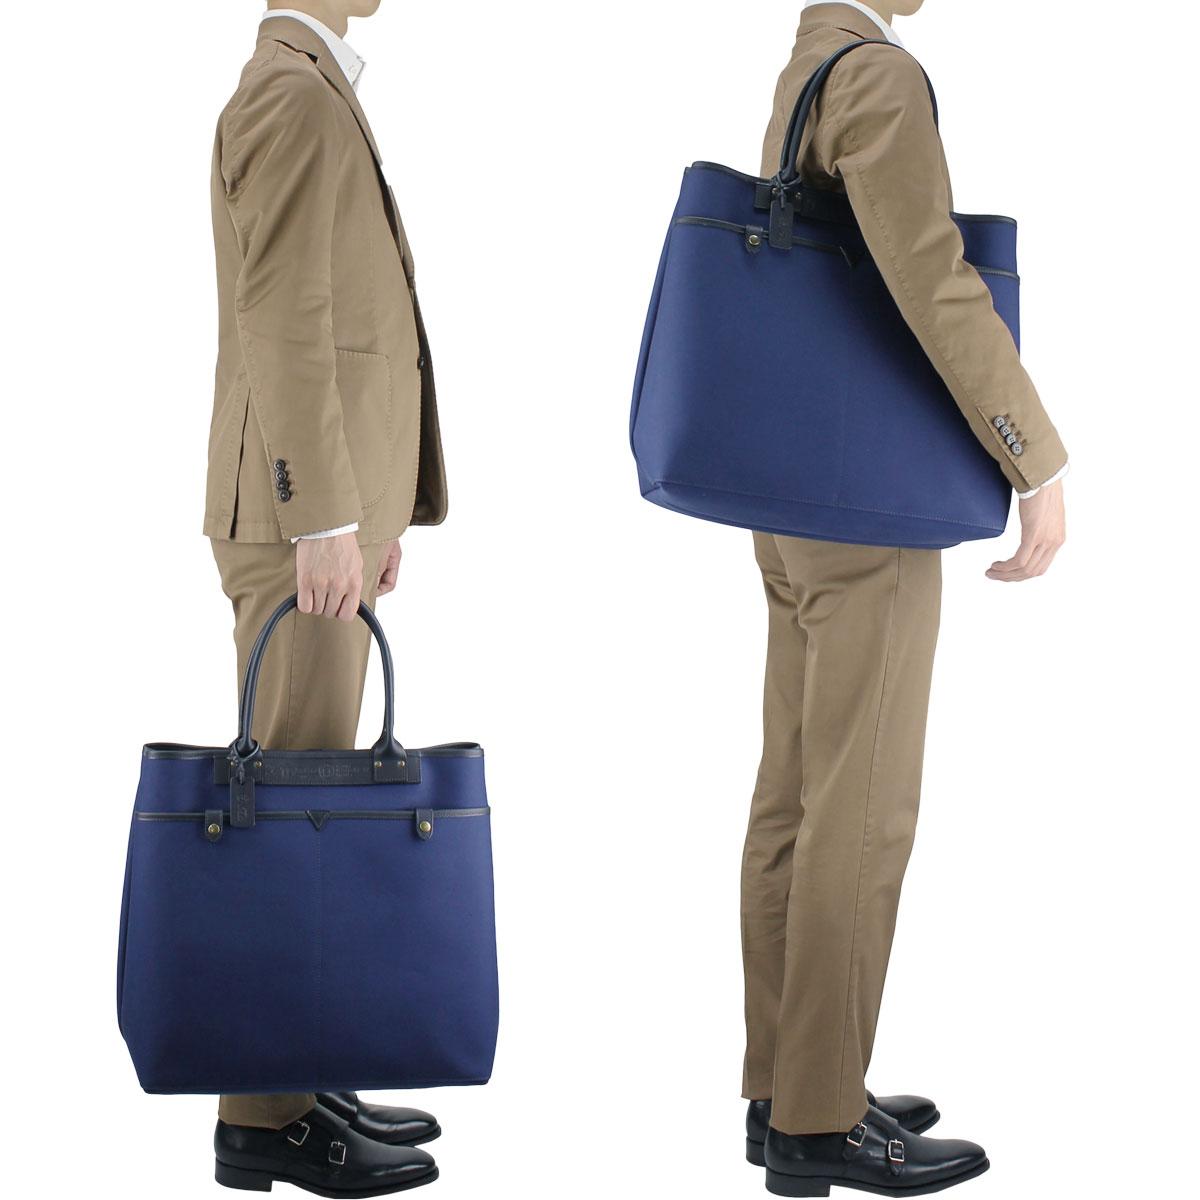 【決算セール】フェリージ Felisi コットンキャンバス×レザー トートバッグ L 17/17/AM+A BLUE 008×BLUE 006 (ネイビー×ネイビー)【返品交換不可】